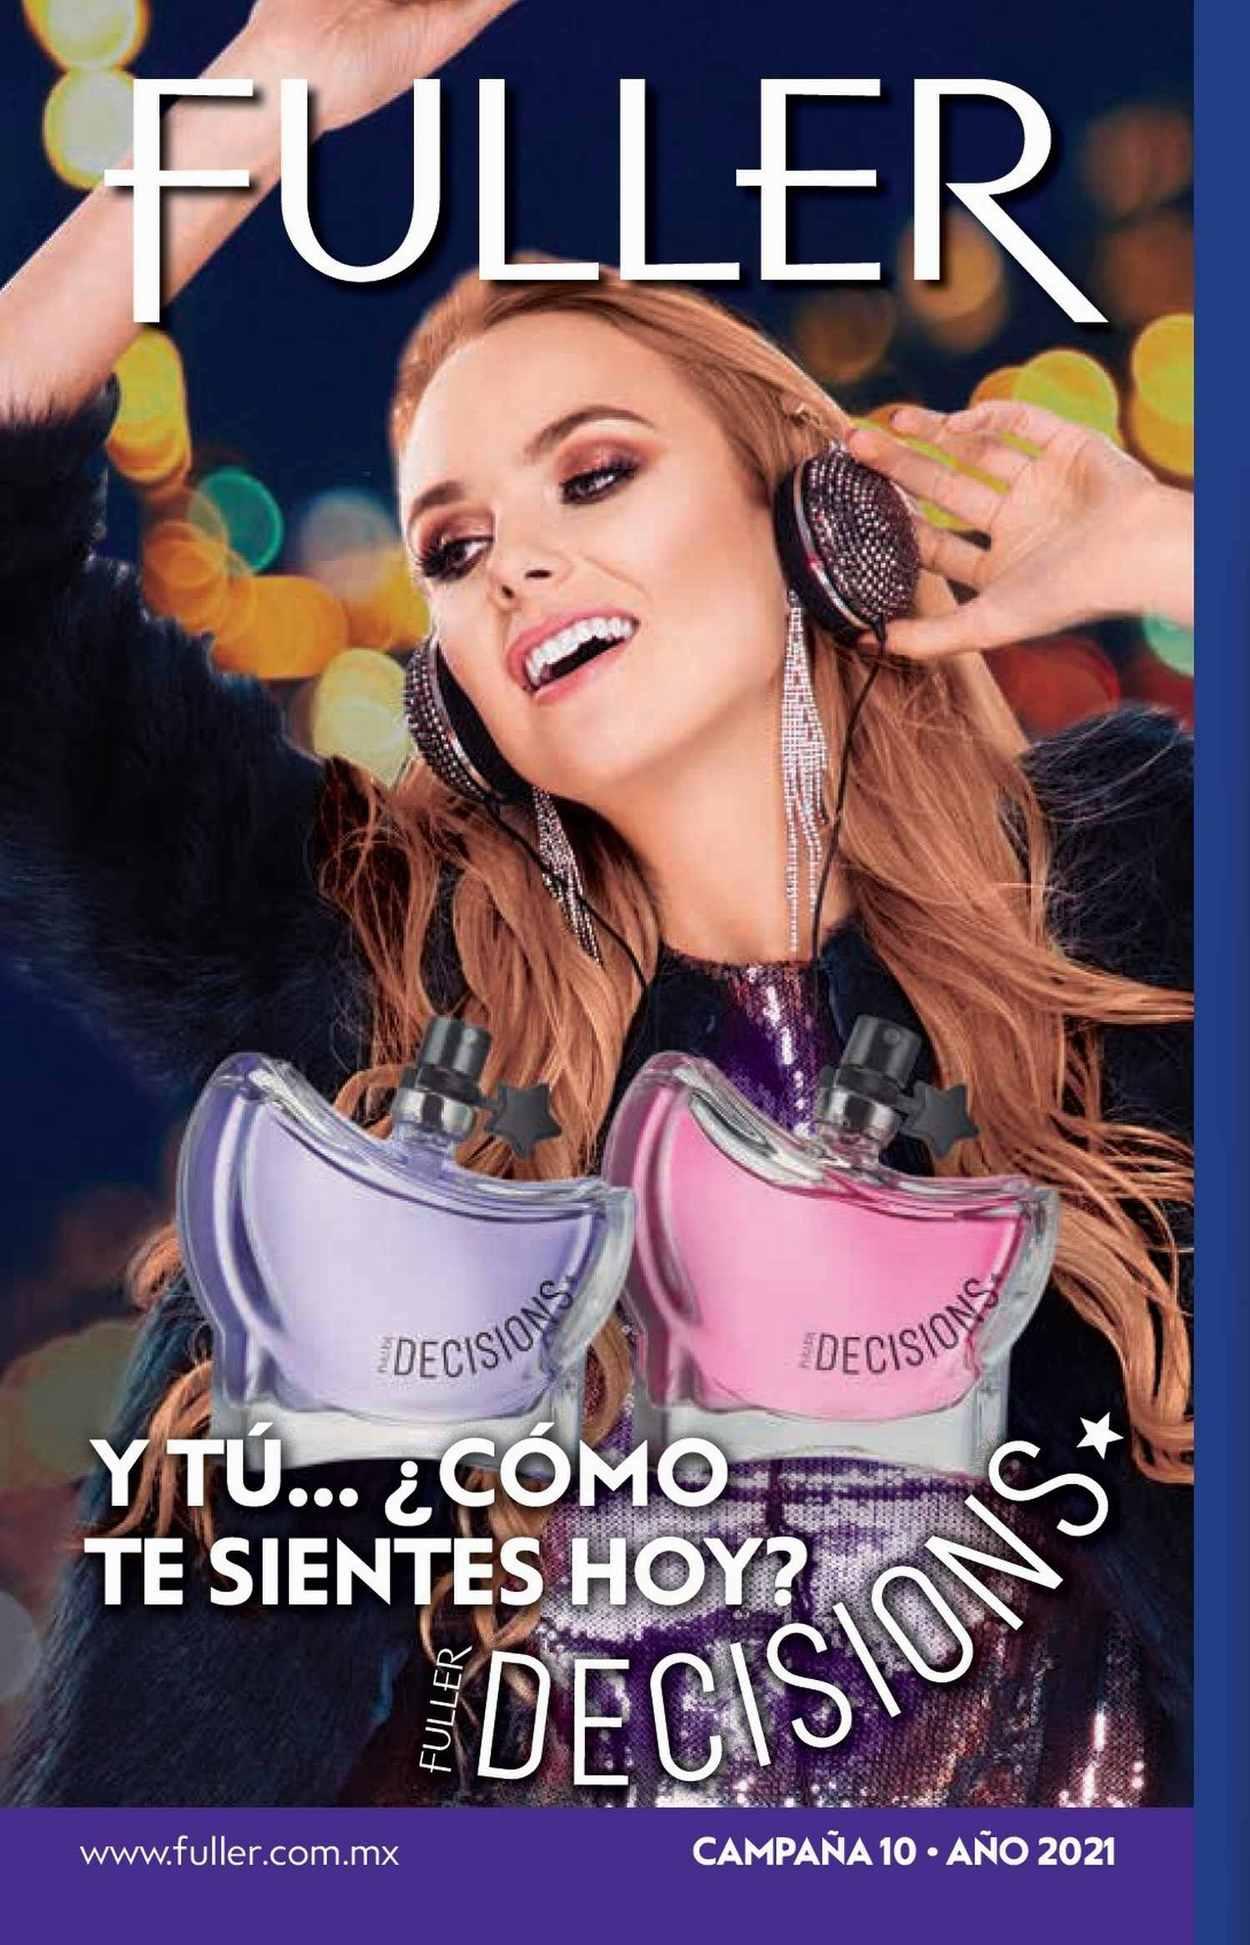 Catálogo Fuller Campaña 10 2021 México